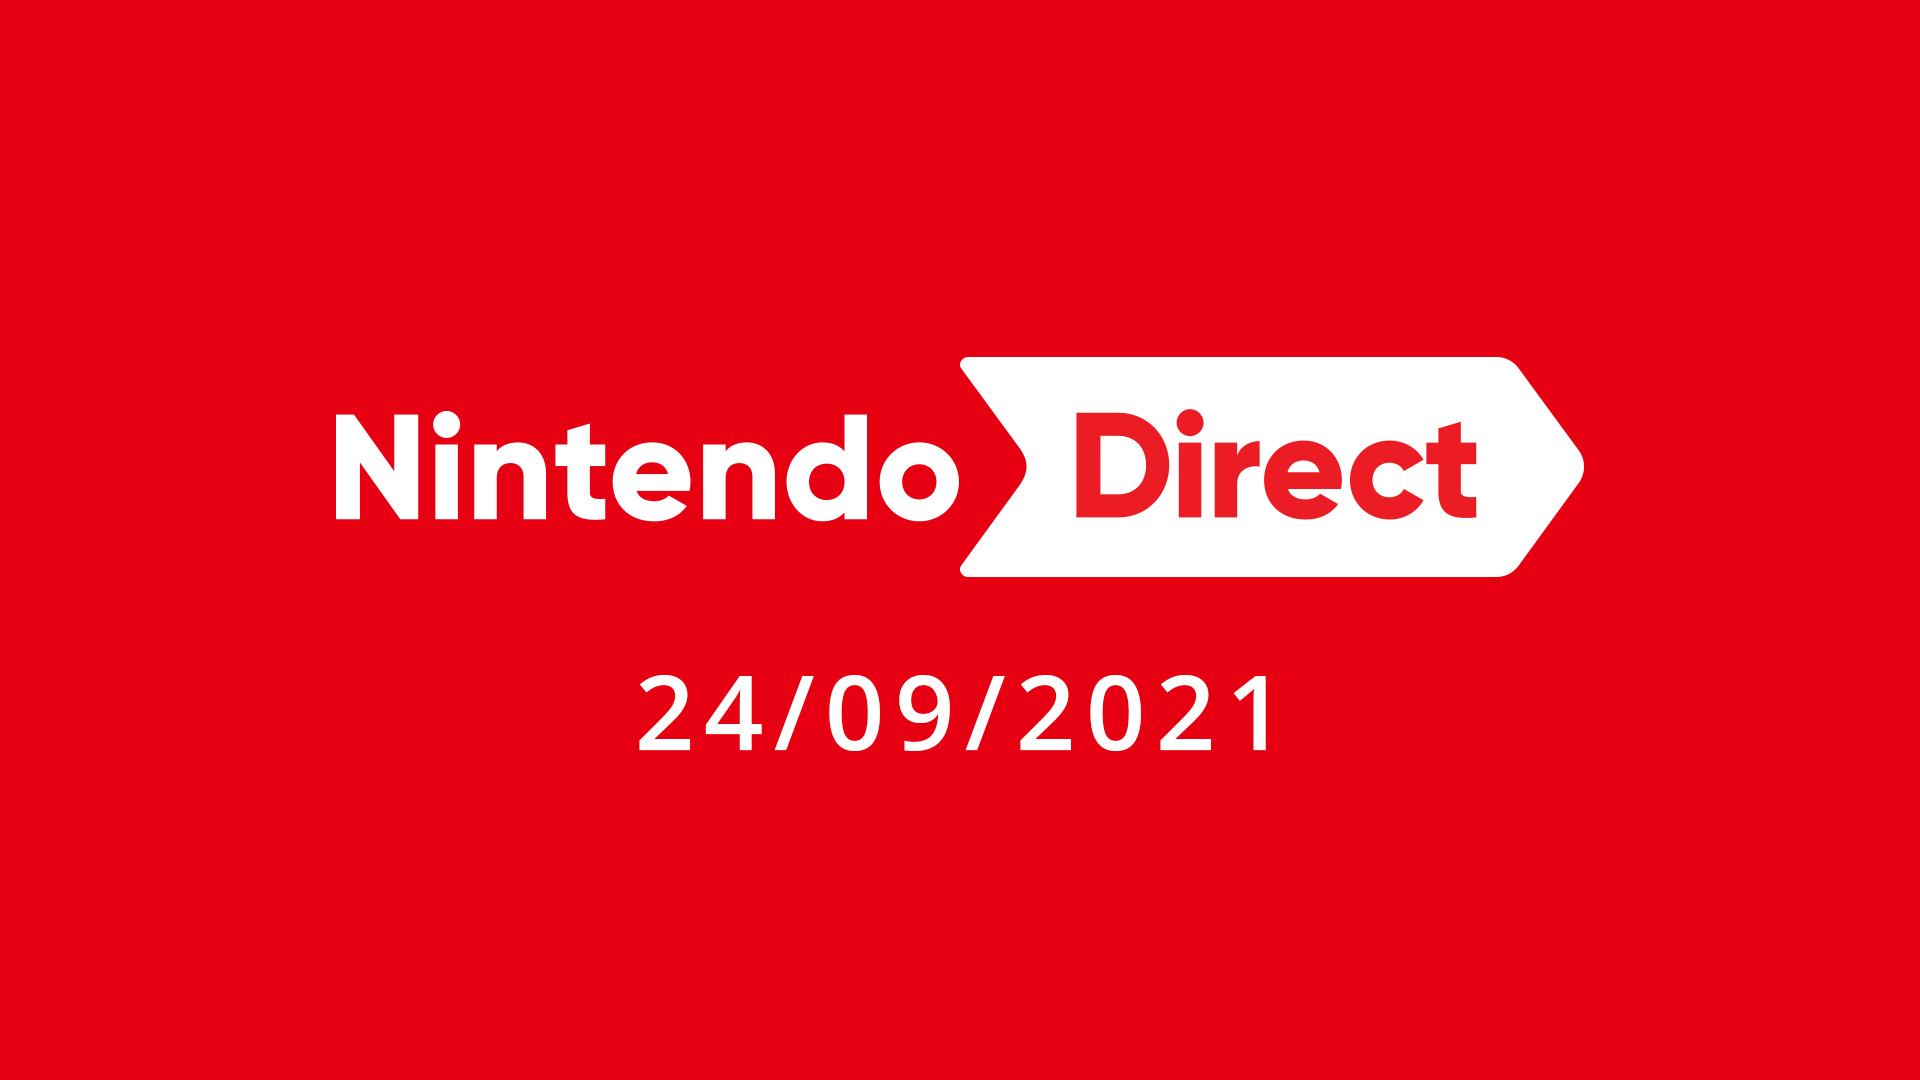 Nintendo Direct: ecco i principali giochi annunciati durante l'evento di settembre 2021